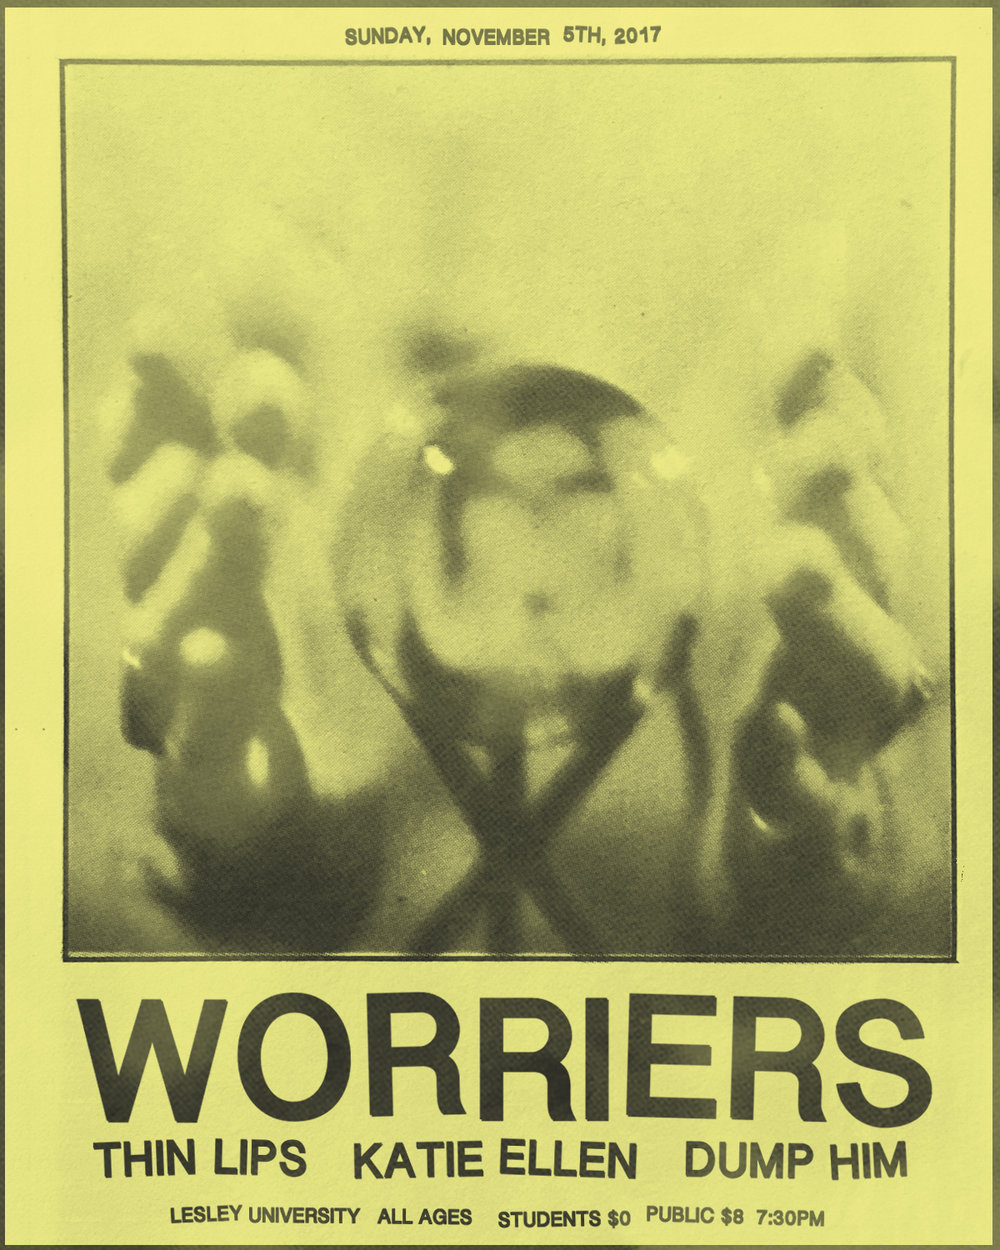 Flyer-Worriers115-Yellow copy.jpg